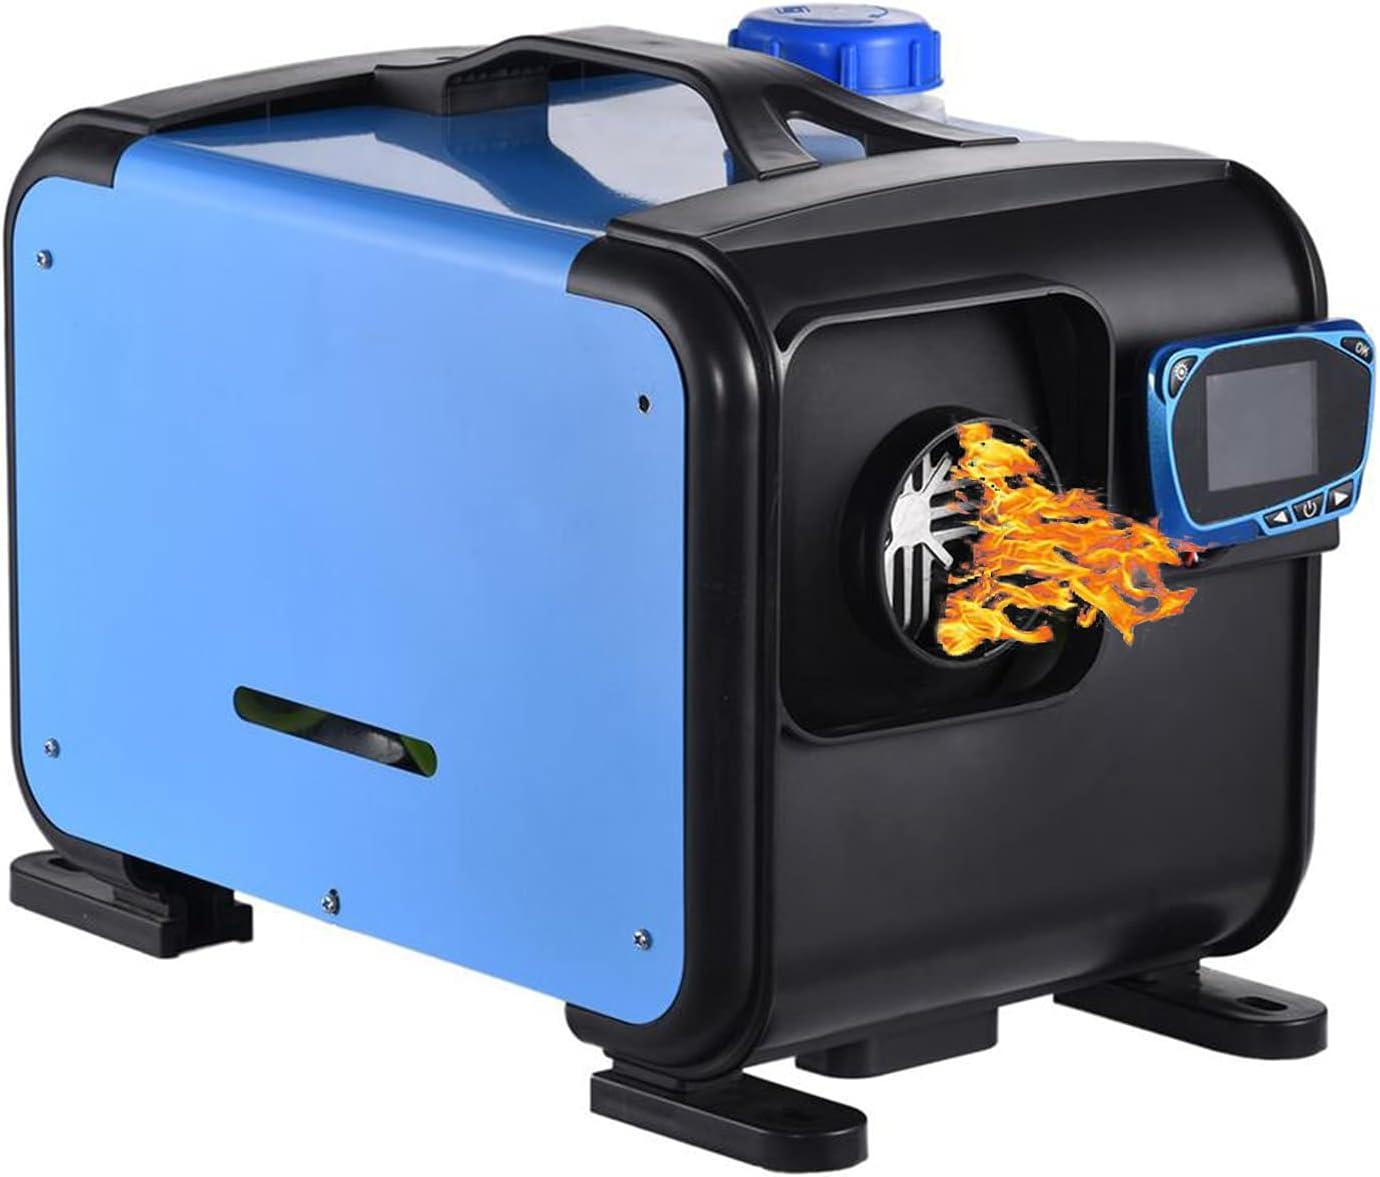 Calentador de combustible de estacionamiento diésel de aire integrado, calentador de cobre de encendido autónomo para camiones, casas rodantes, botes, garaje para autobuses,12v 8kw